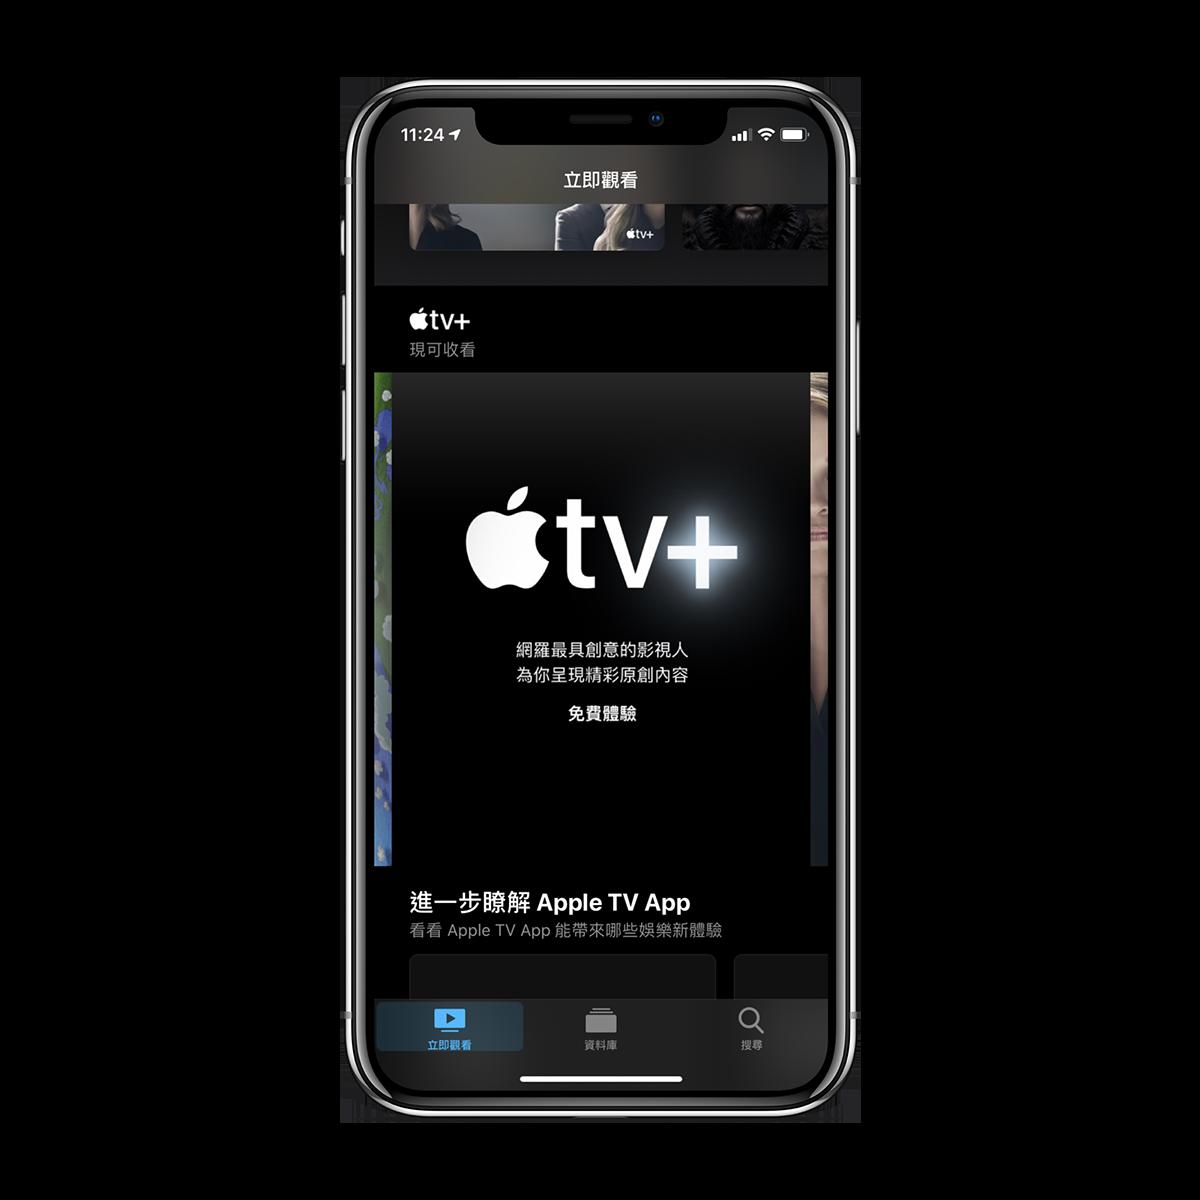 【教學】Apple TV+ 免費看一年申請方法 5